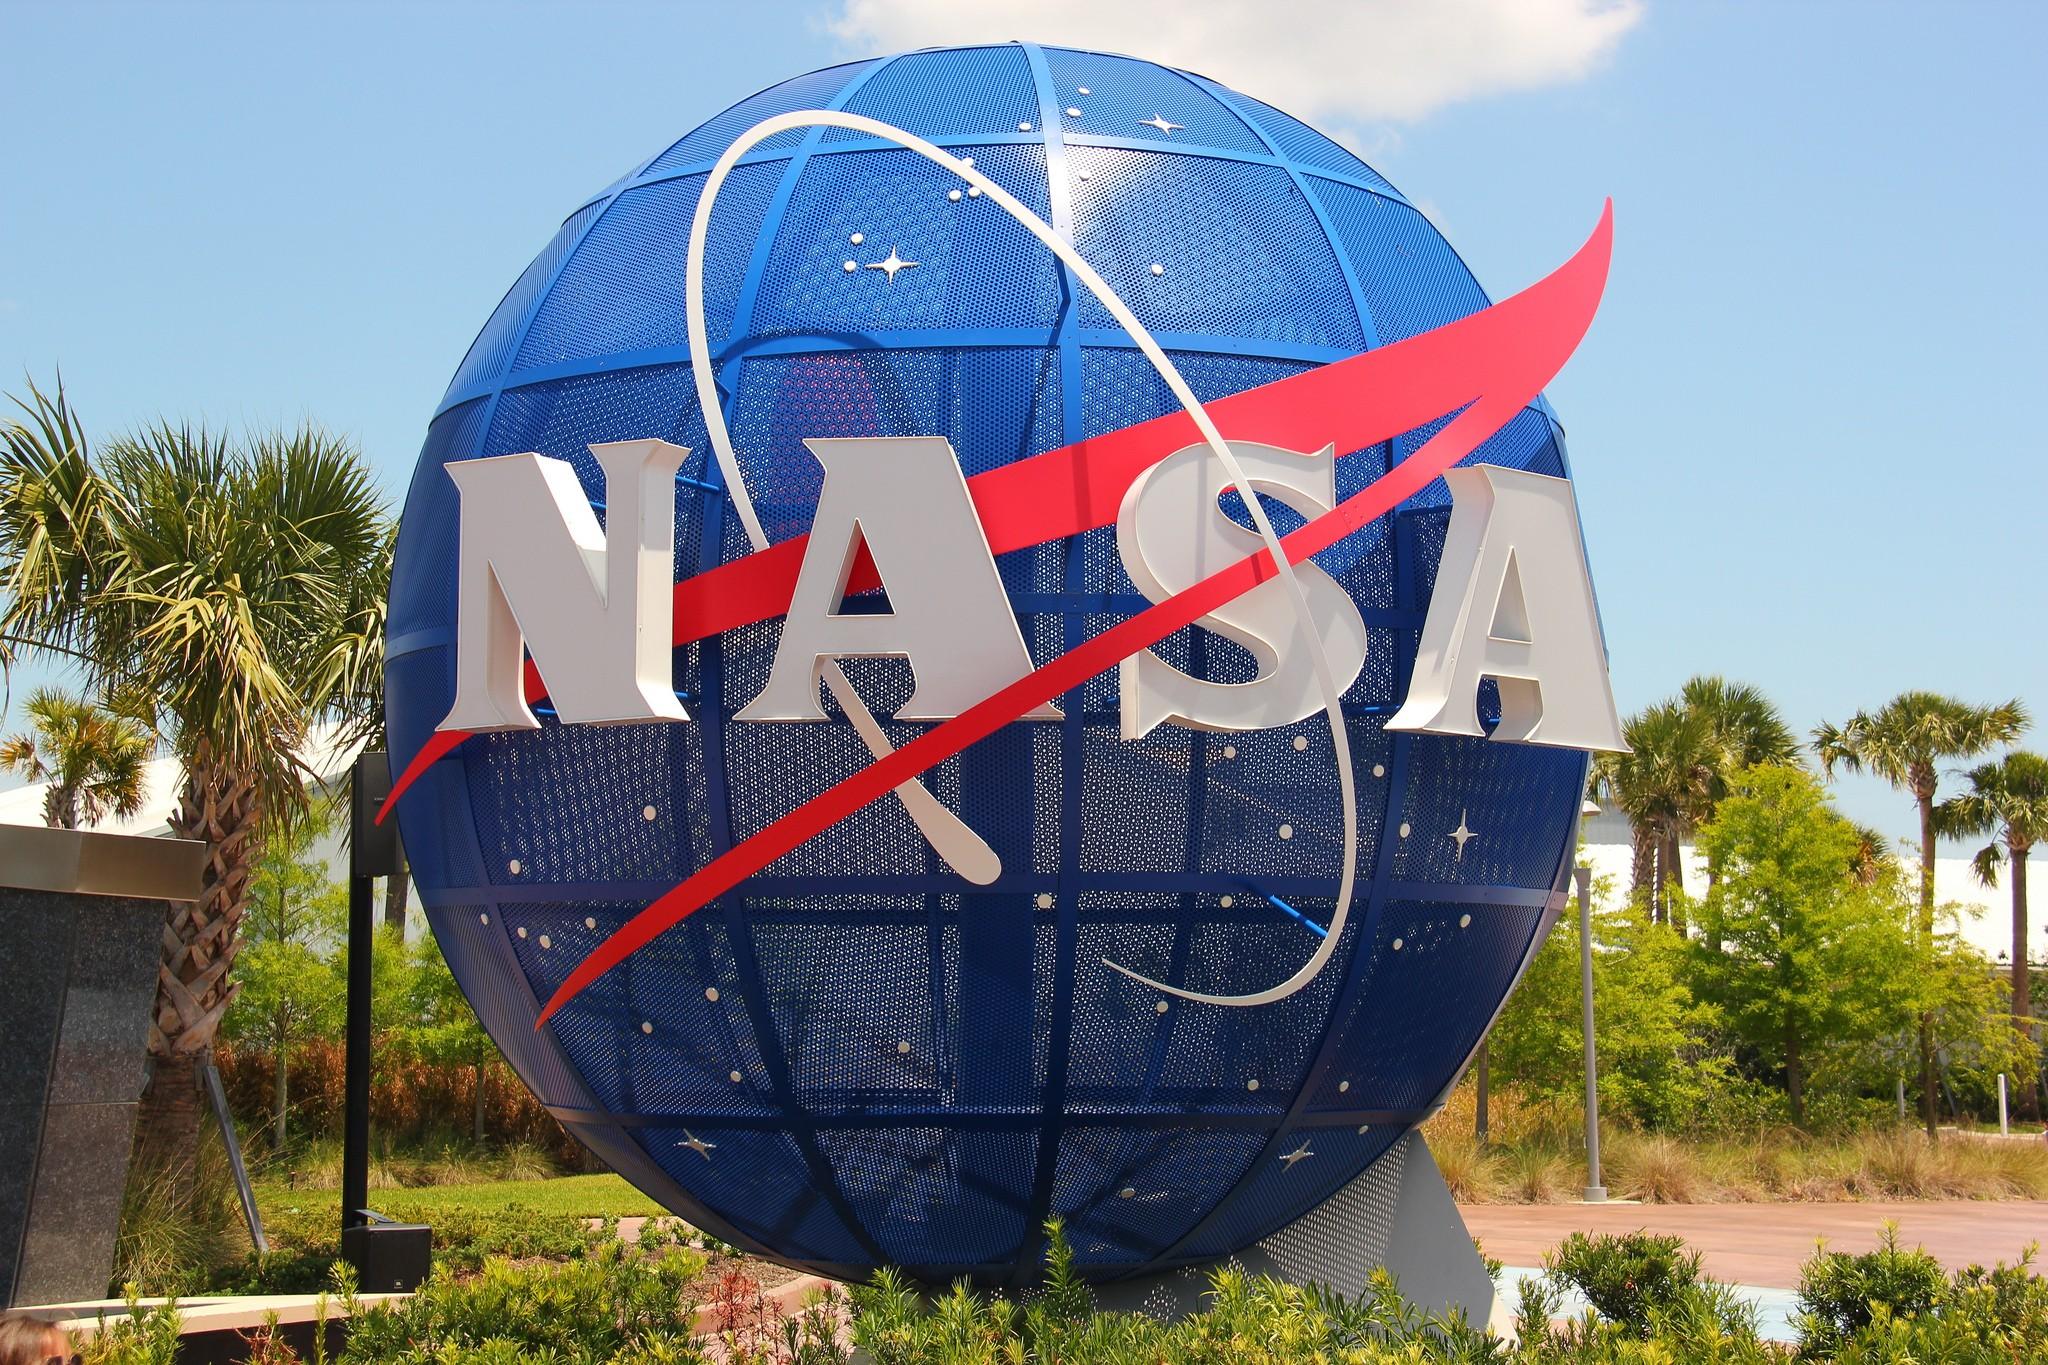 Jovem foi demitida após usar linguagem de baixo calão para celebrar seu estágio na NASA (Foto: Flickr/Francisco Schmidt)